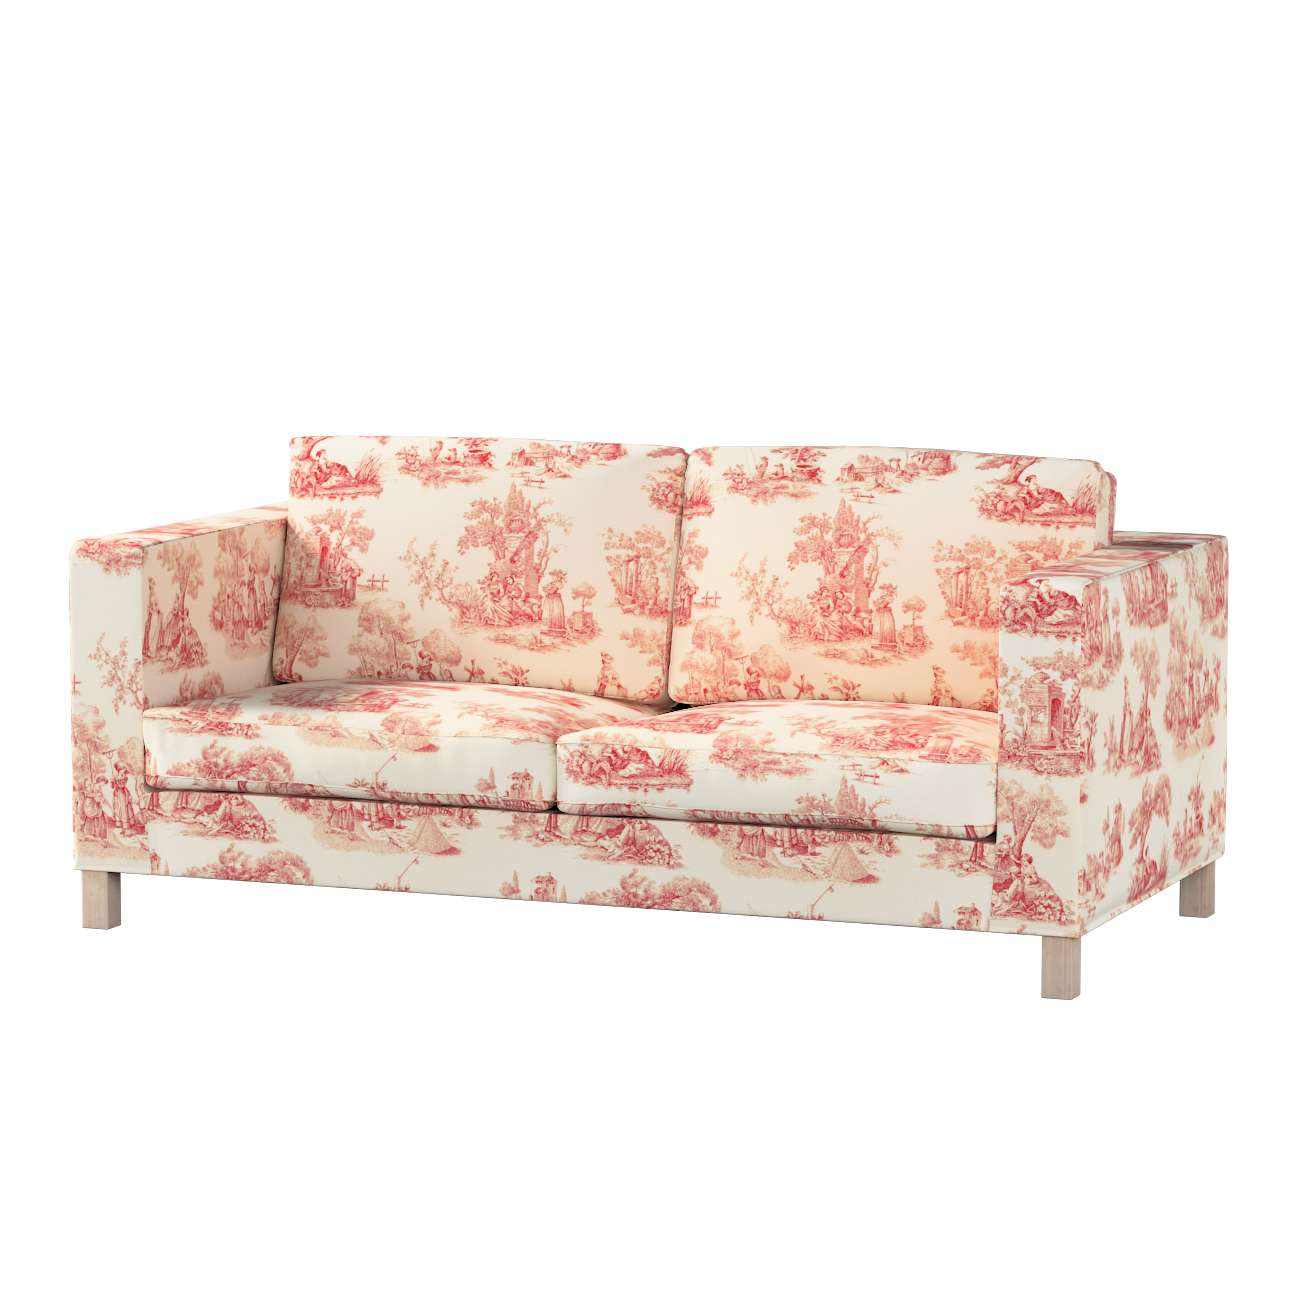 KARLANDA sofos lovos užvalkalas KARLANDA sofos lovos užvalkalas kolekcijoje Avinon, audinys: 132-15